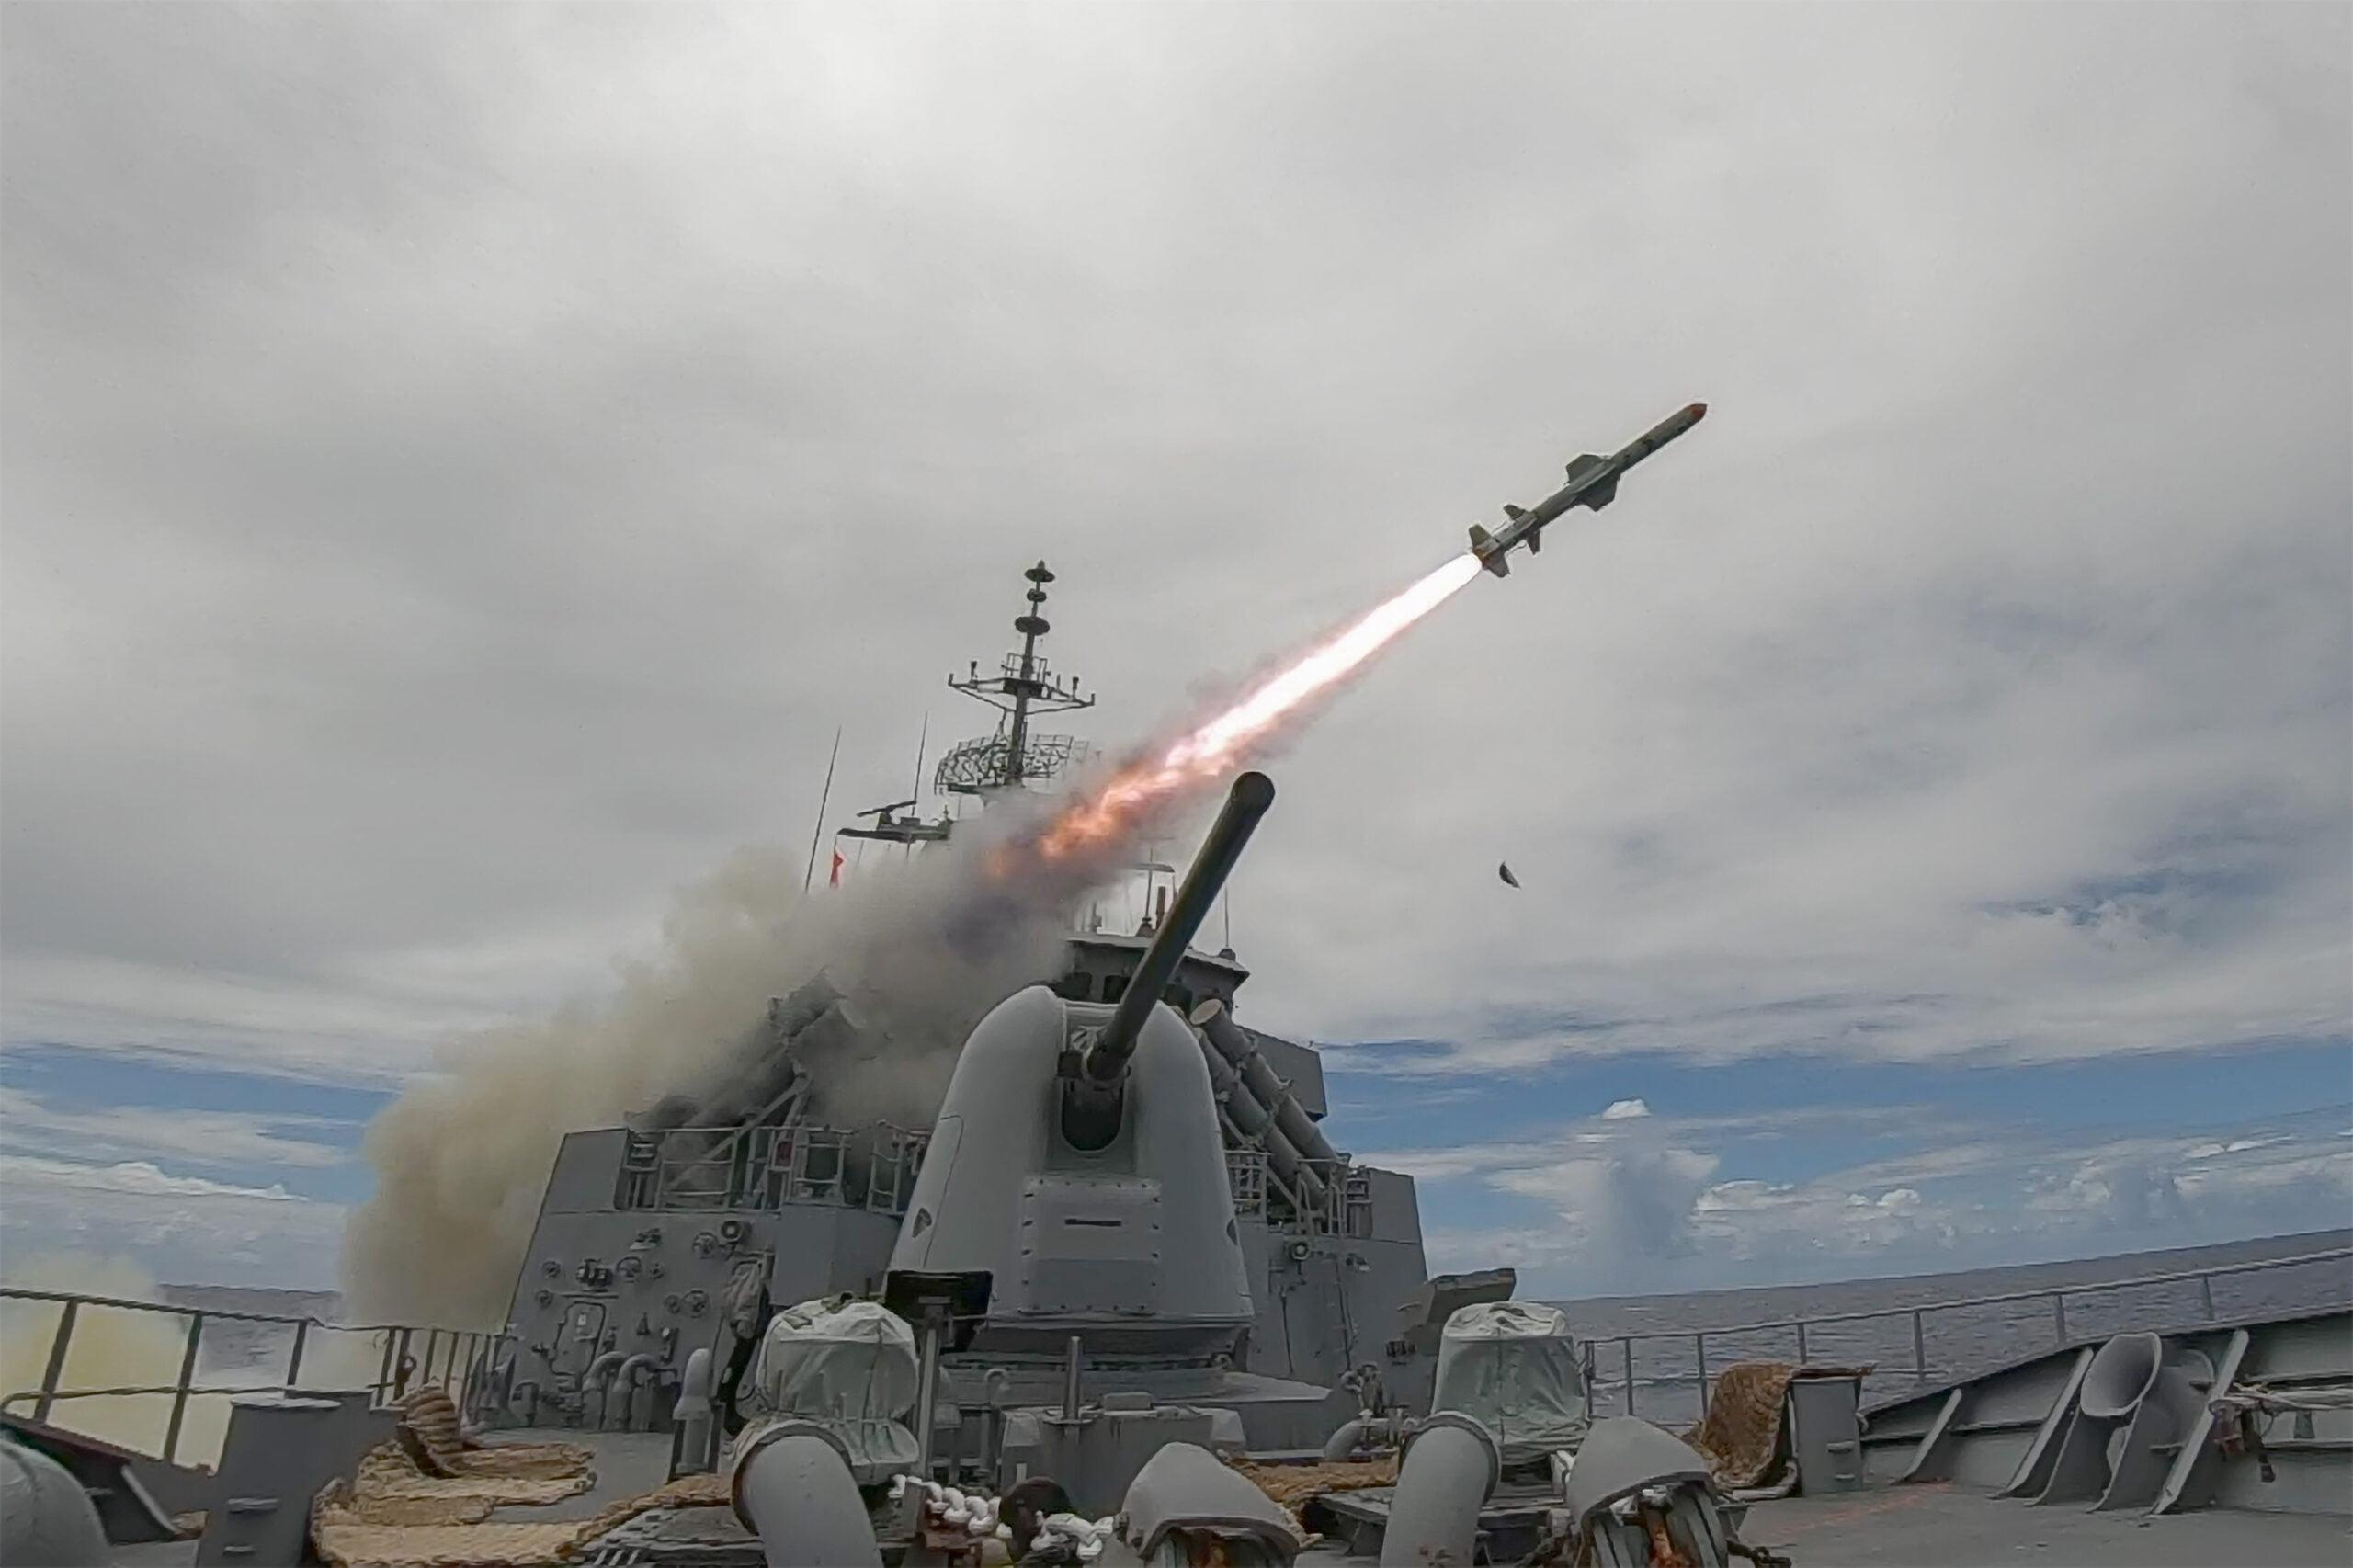 JAČANJE ODBRAMBENE SPOSOBNOSTI: Australija uz pomoć USA pokreće svoju proizvodnju raketa